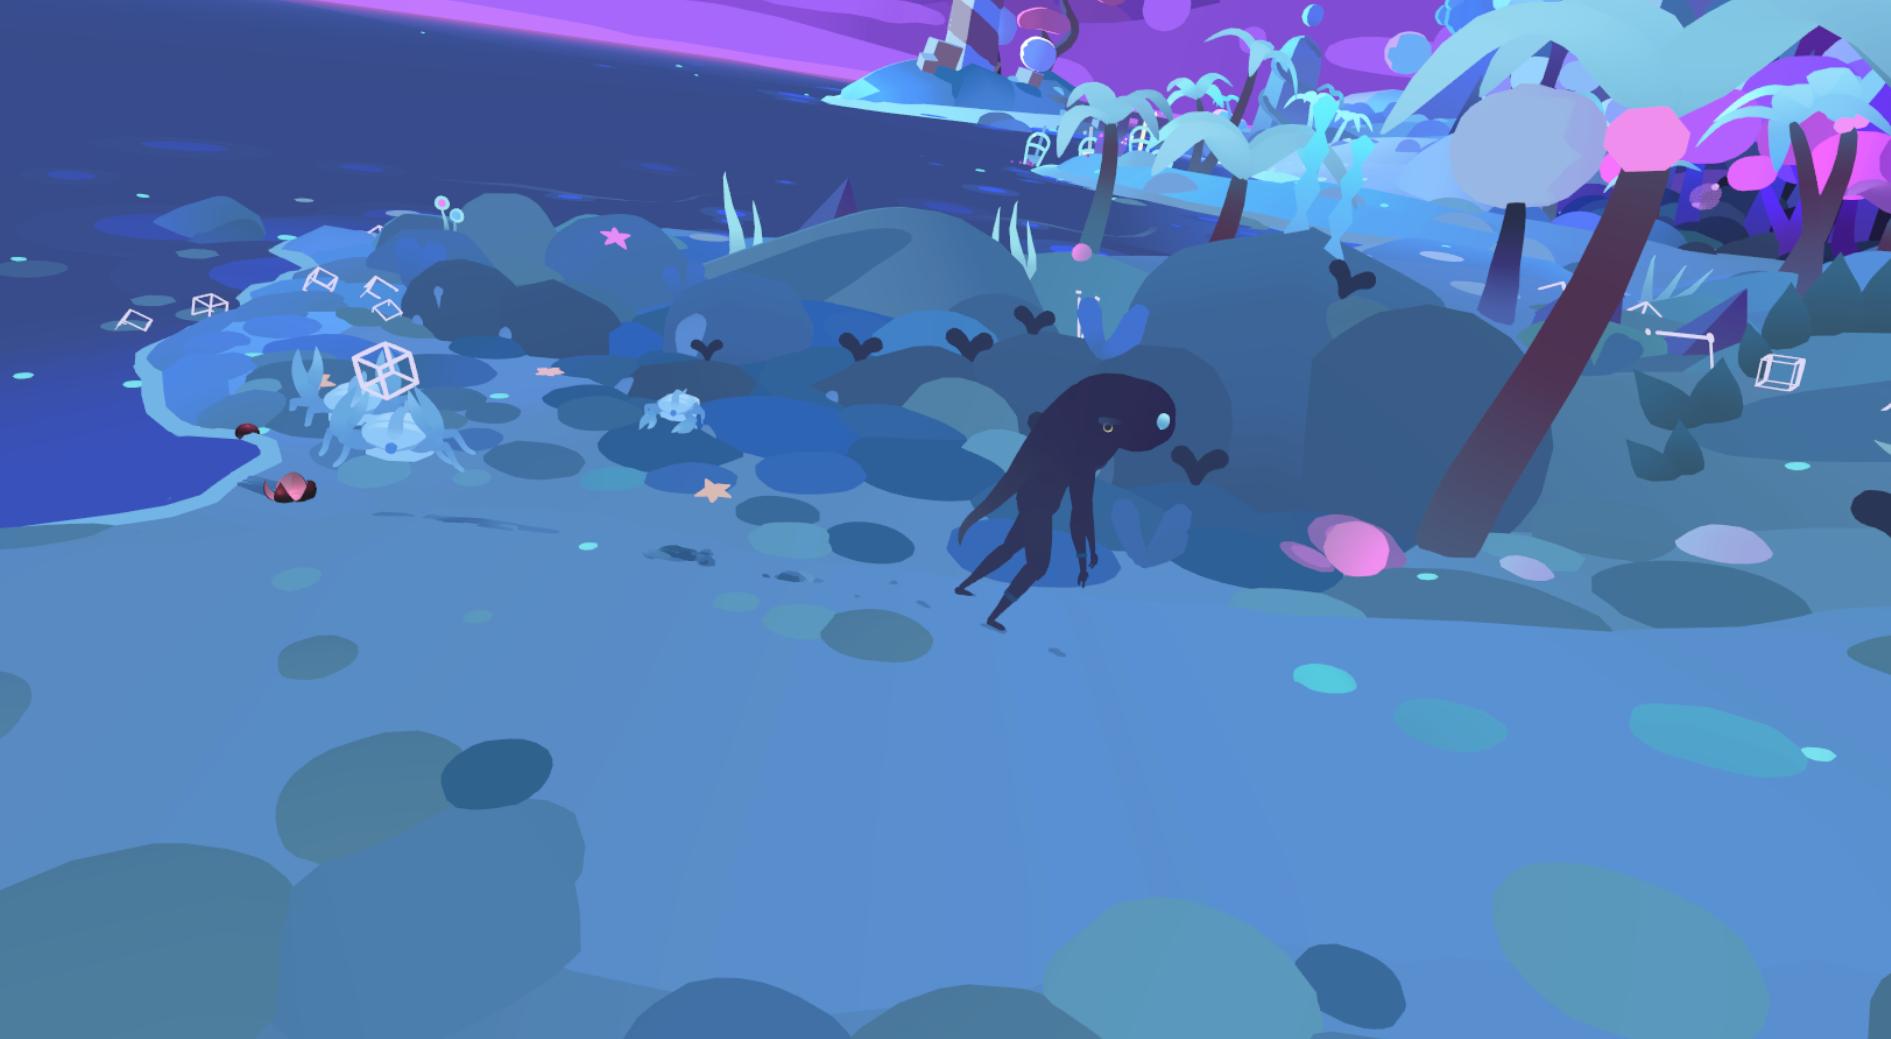 第2章『The Neon Jungle』のストーリー3